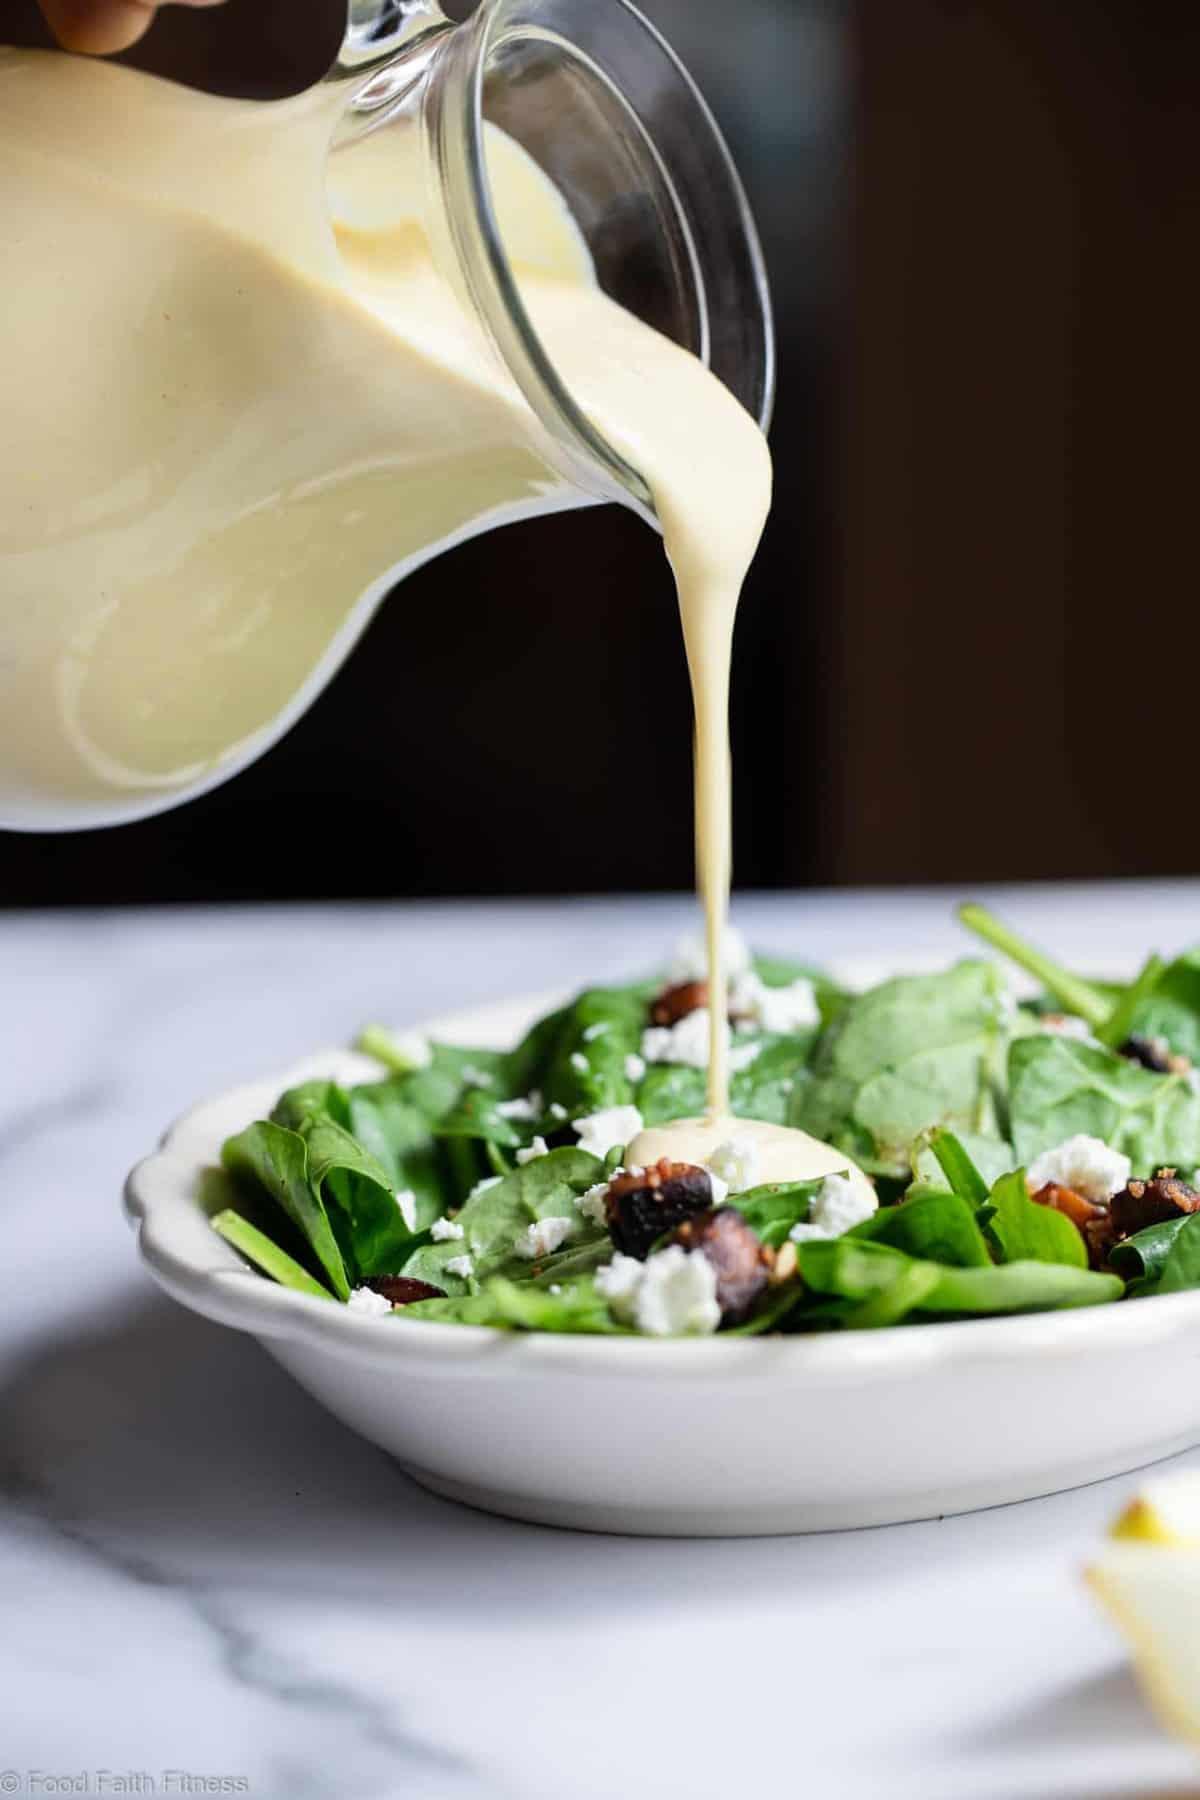 pouring tahini salad dressing onto a salad